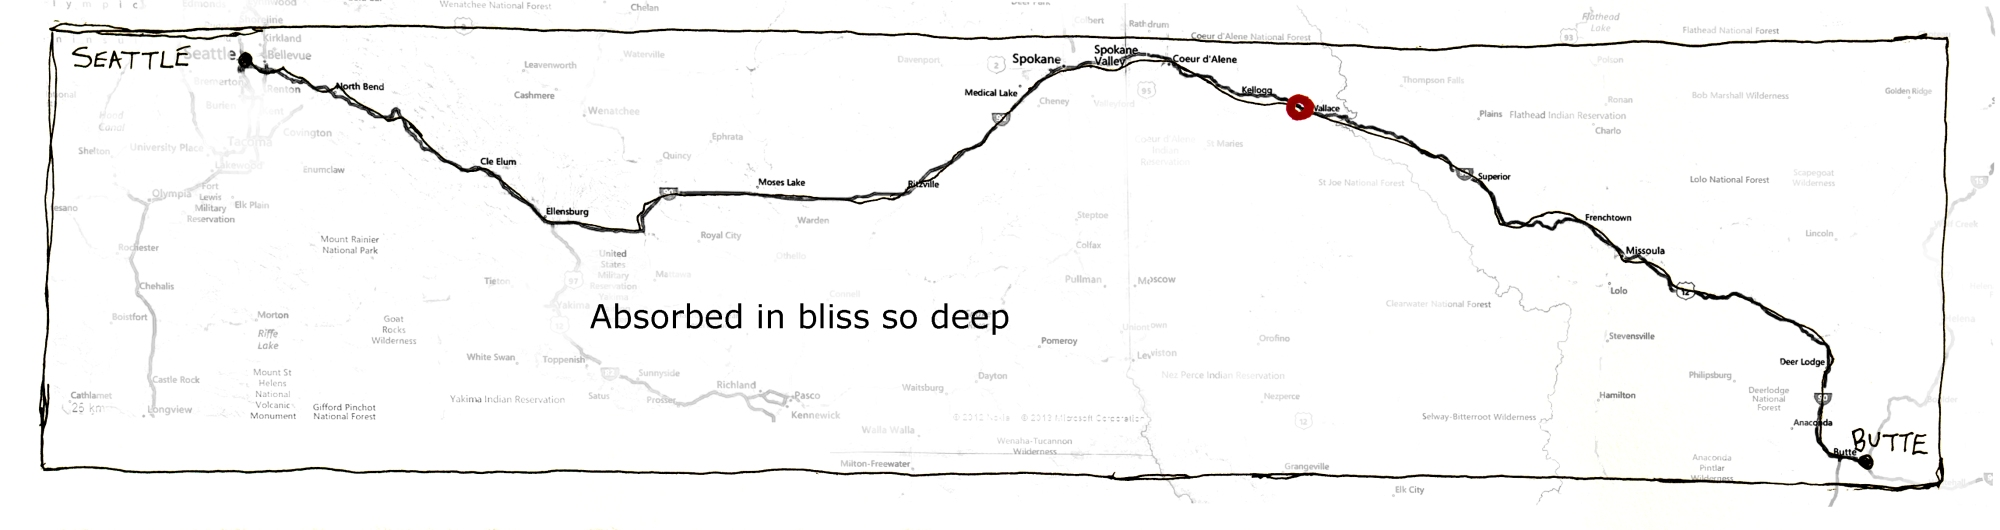 343 map